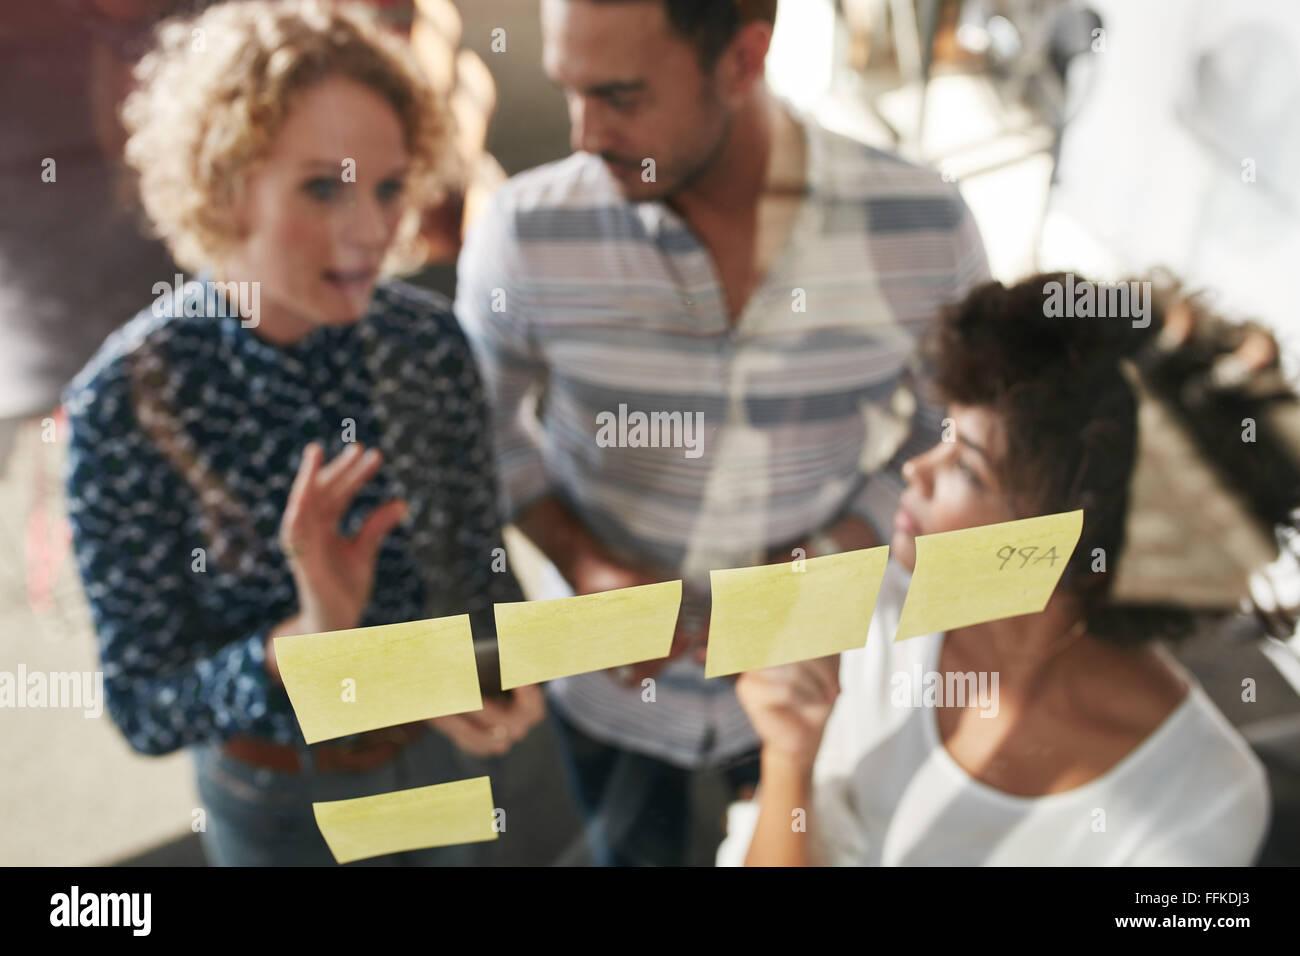 Trois personnes ayant une réunion de bureau. Ils sont debout en face de paroi en verre avec post it et de discussions. Photo Stock